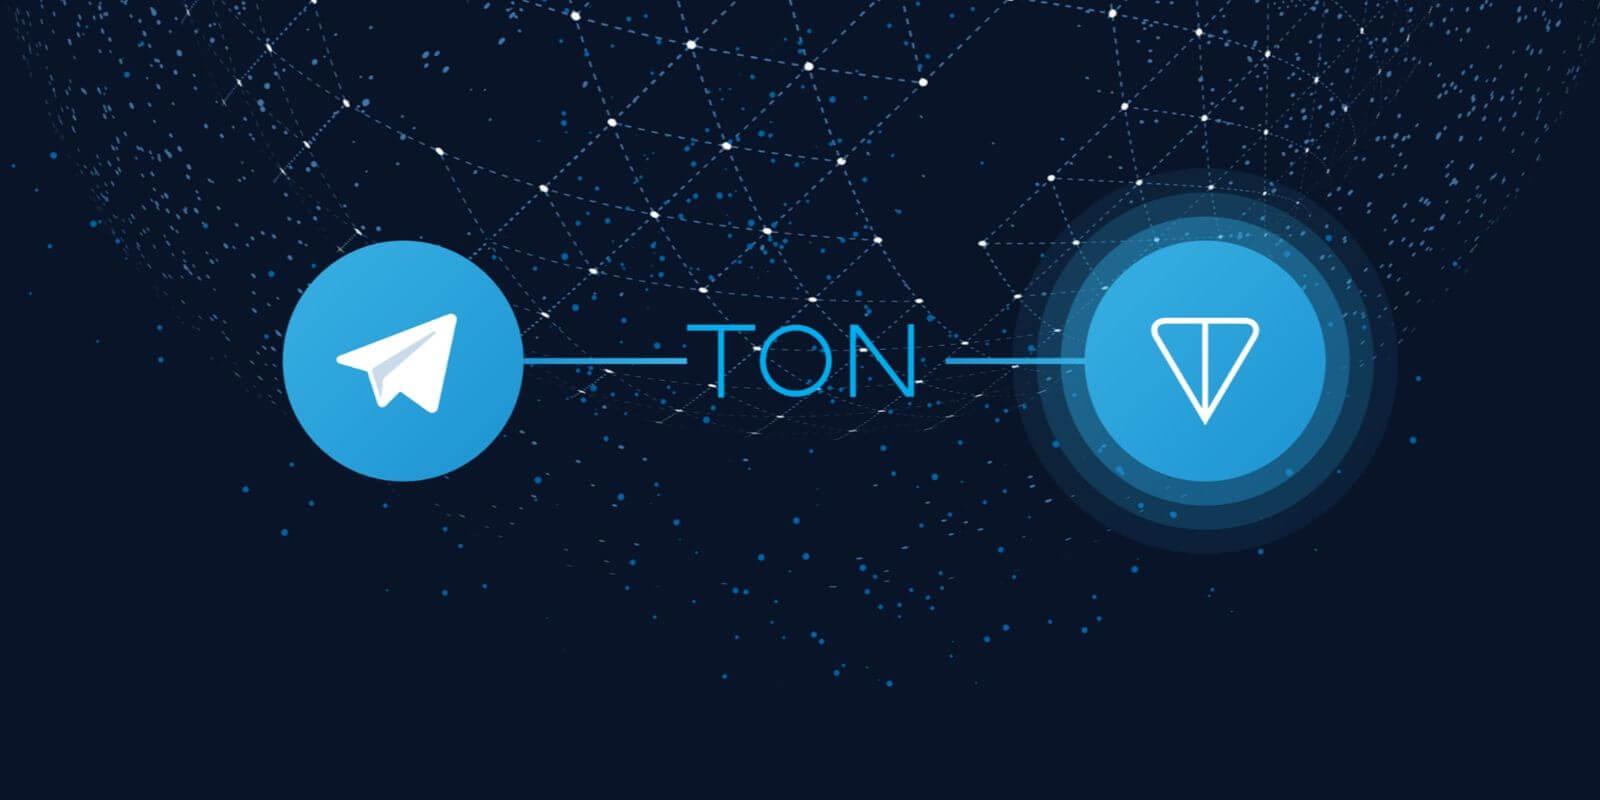 Telegram organise un concours à $400k pour les développeurs autour de la blockchain TON